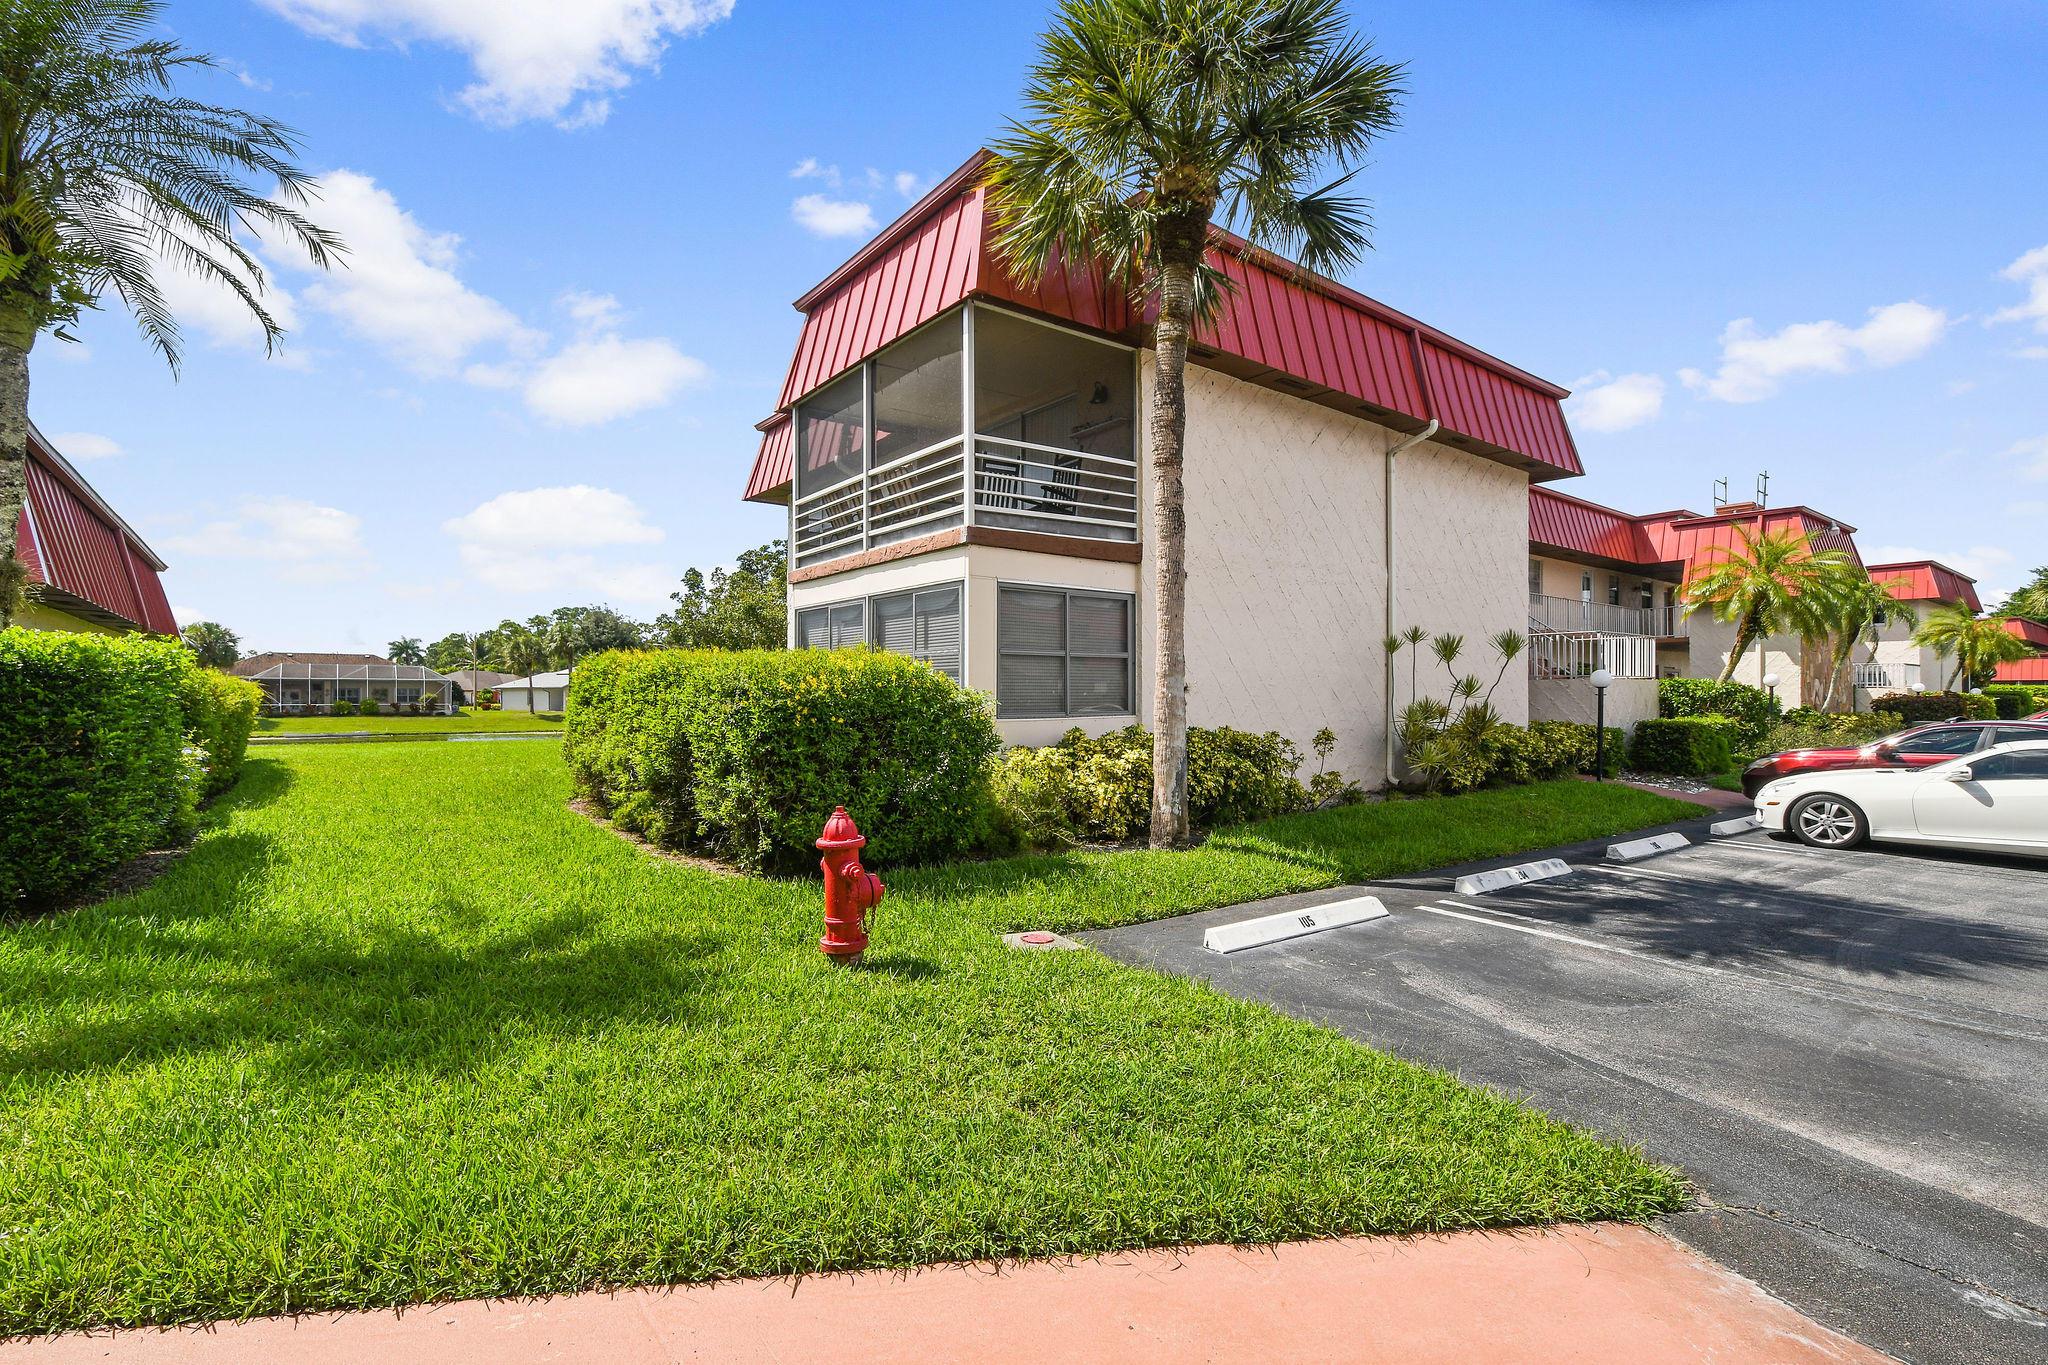 12024 W Greenway Drive 101 Royal Palm Beach, FL 33411